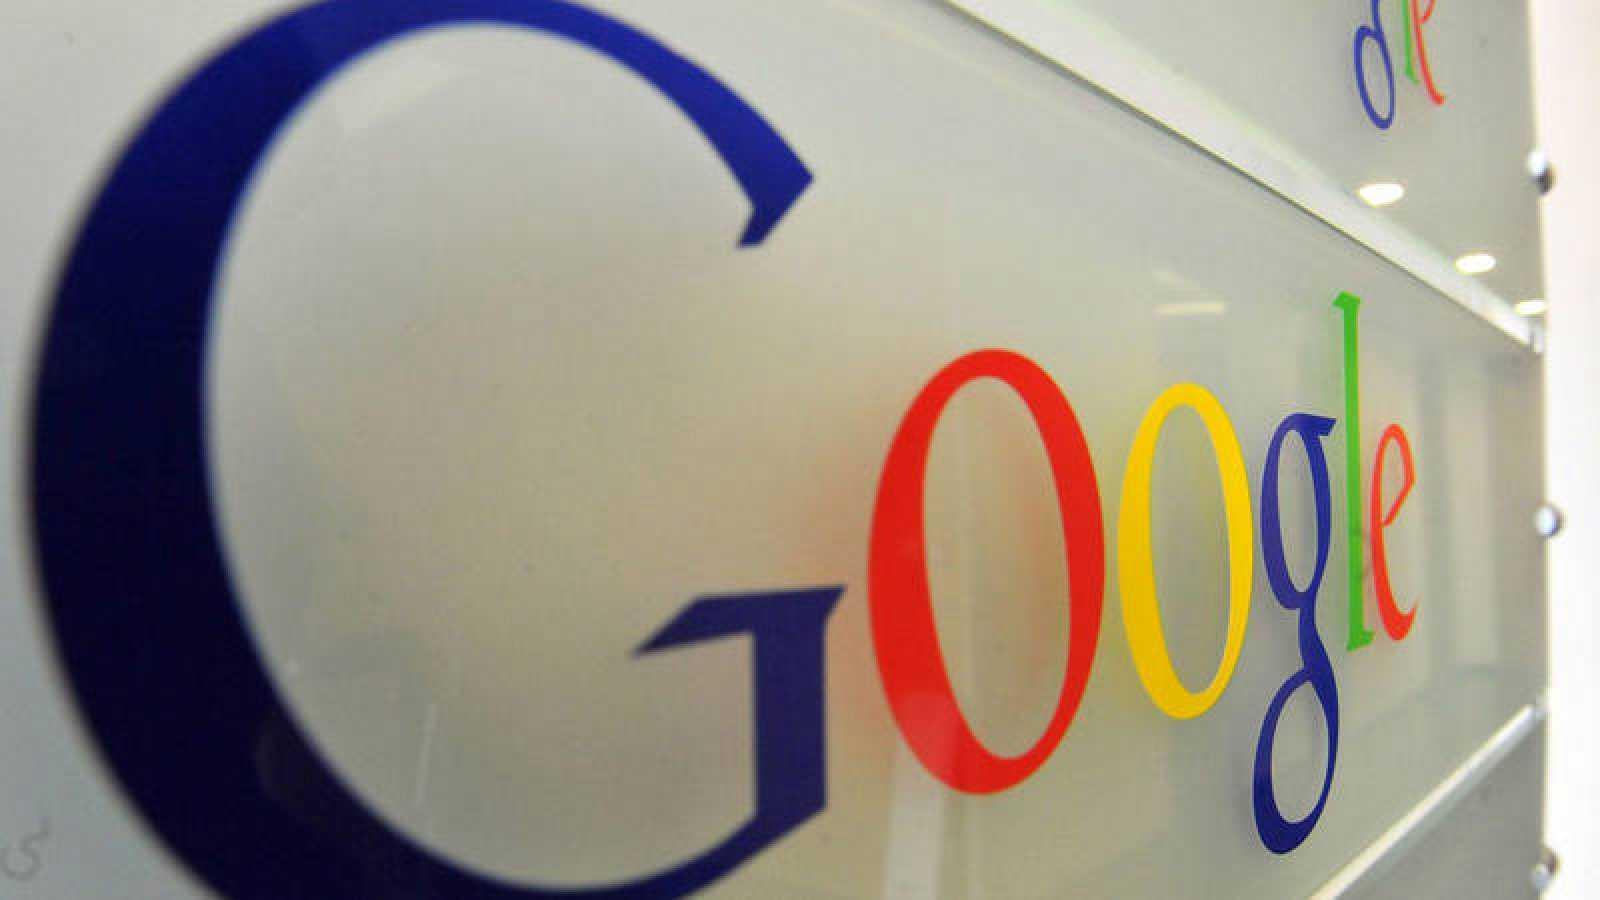 Oficina de Google en Bruselas.GEORGES GOBET / AFP